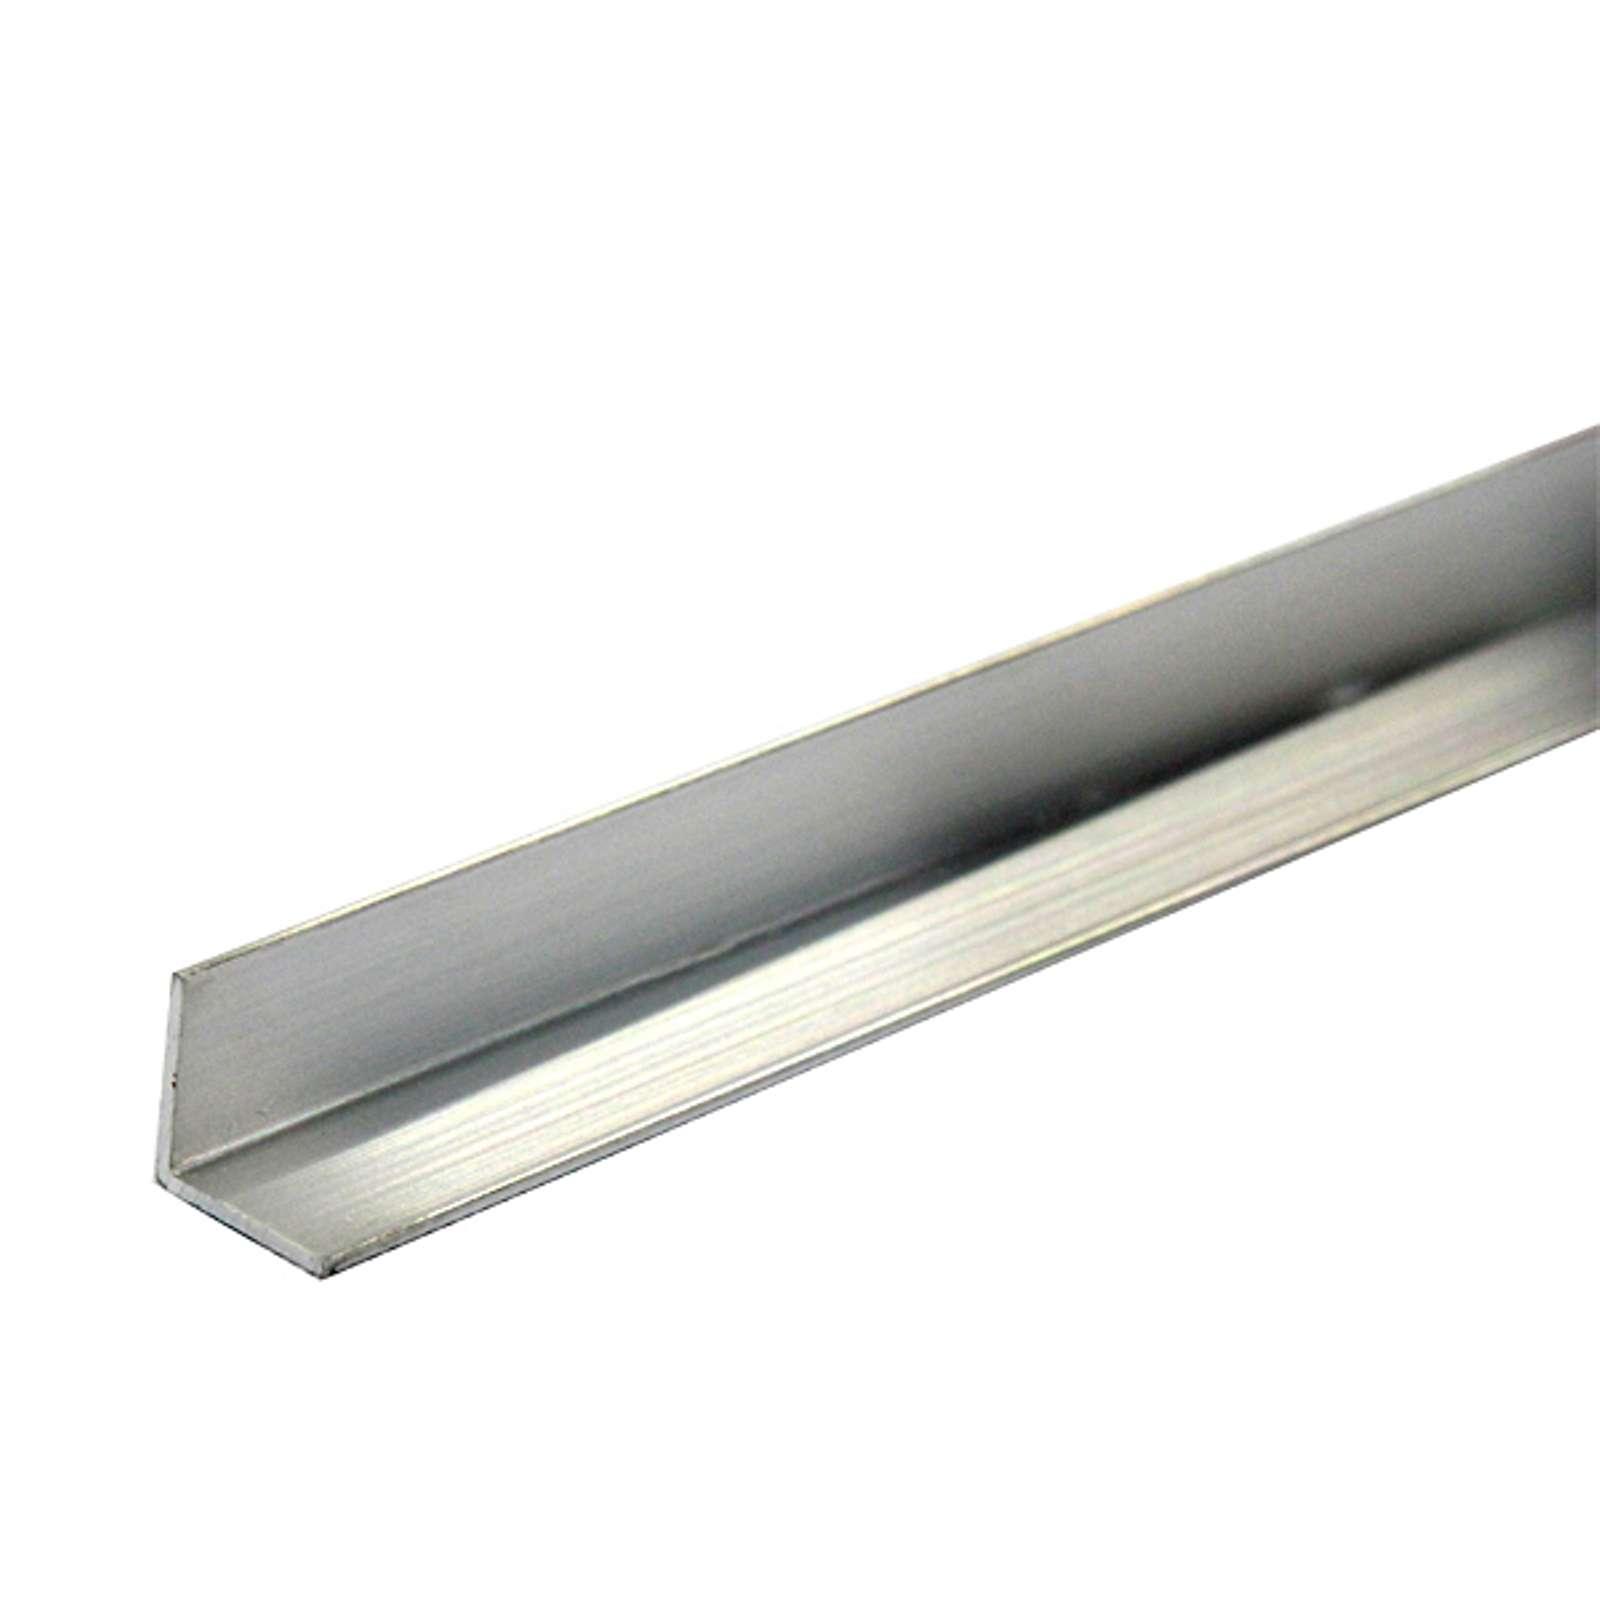 Уголок равнополочный 25х25х1,2 мм, алюминий, 2м